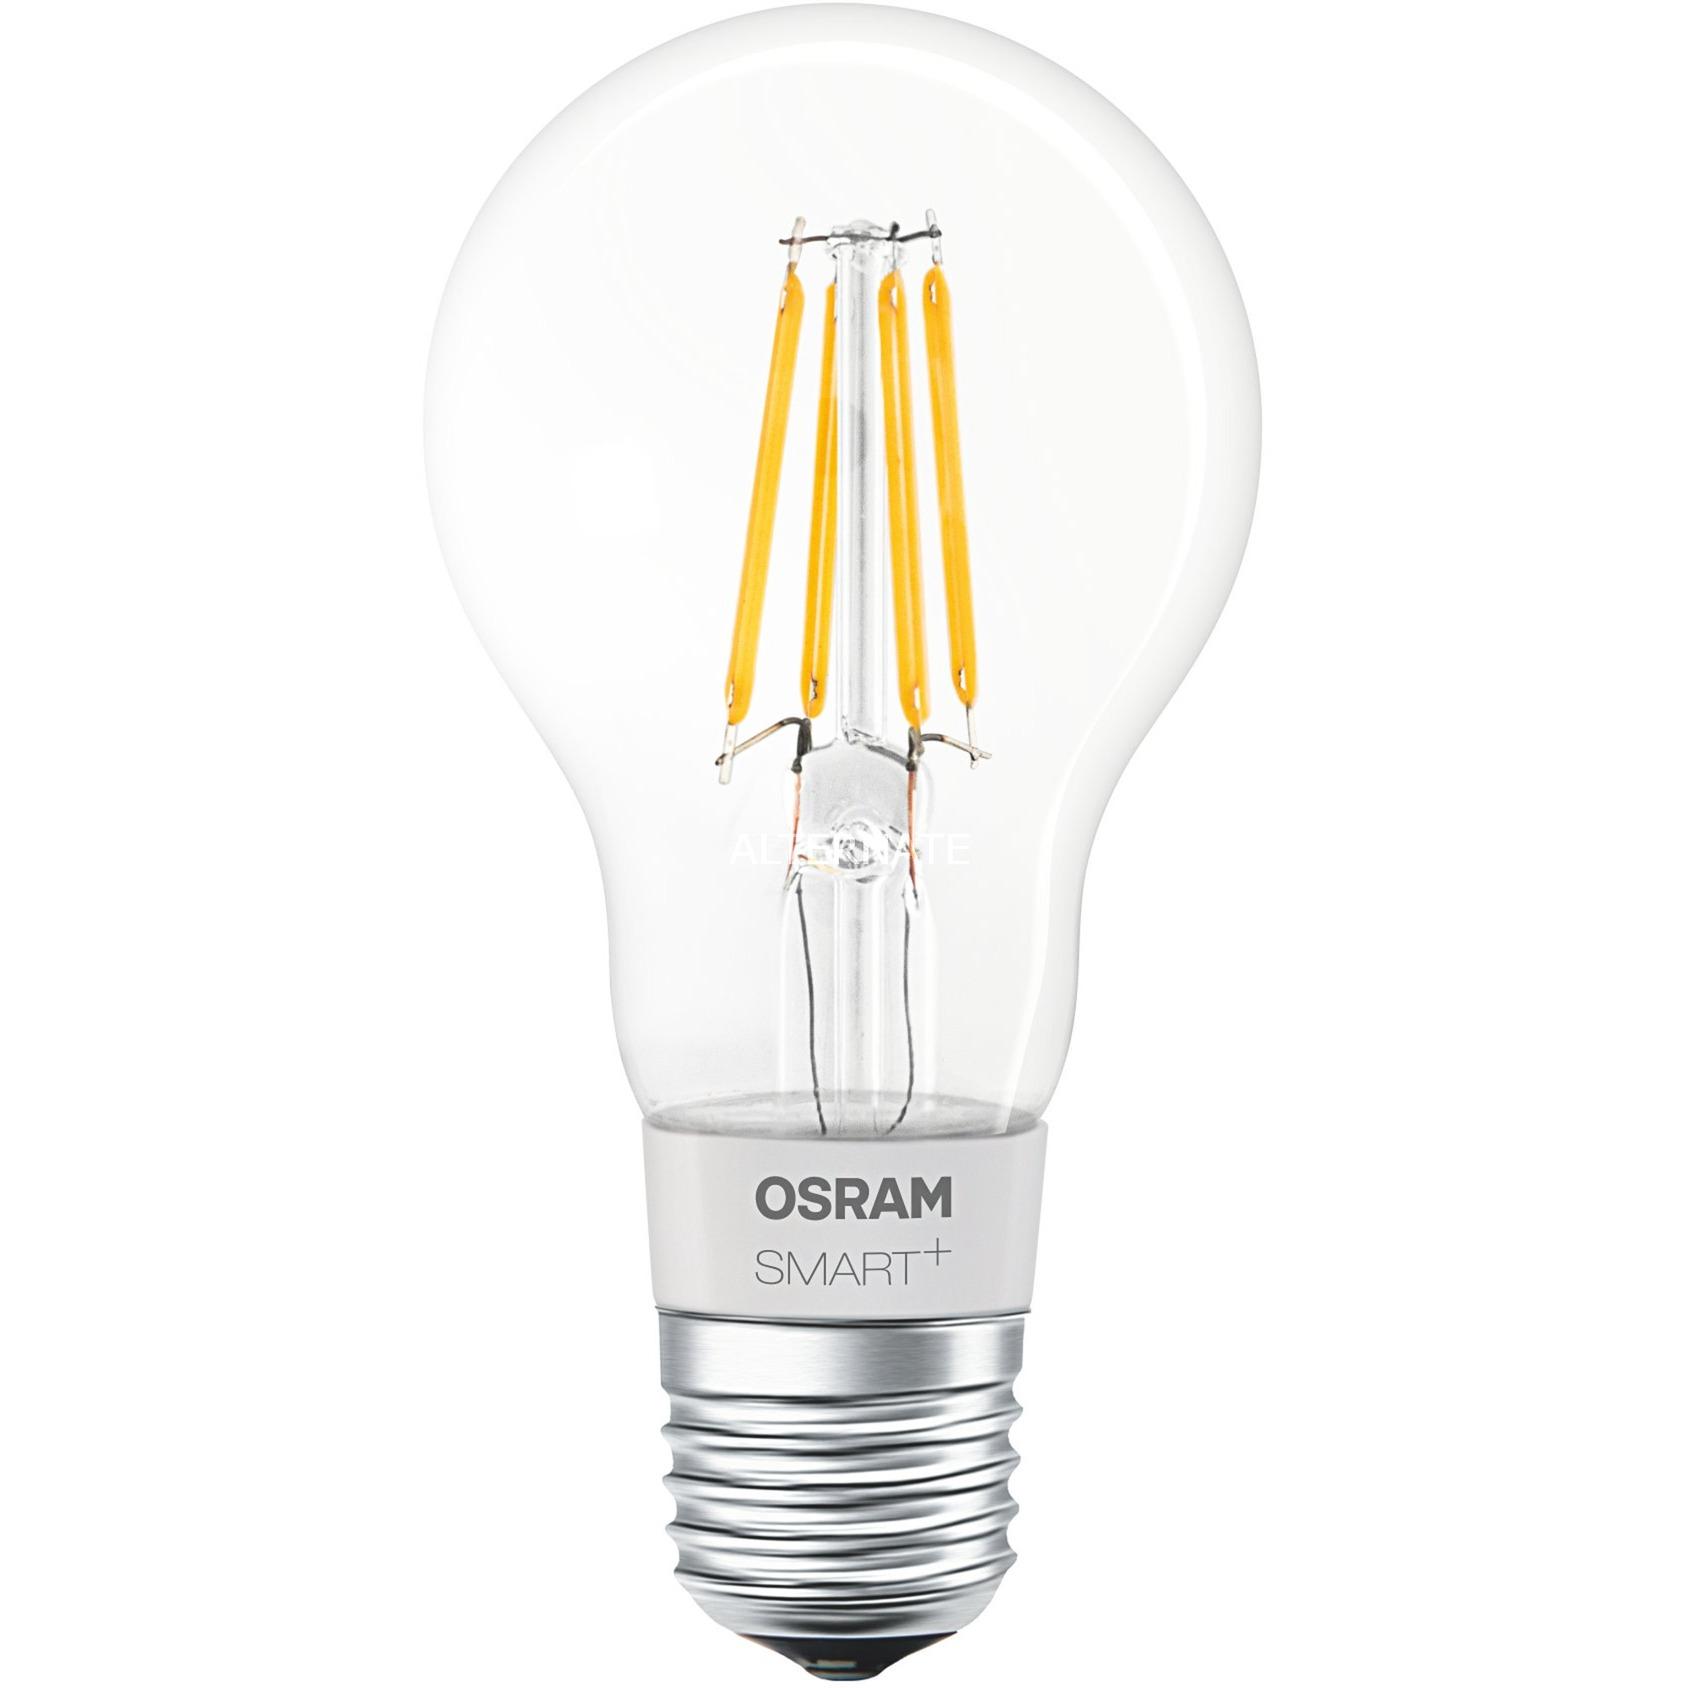 SMART+ Filament Classic lámpara LED Blanco cálido 5,5 W E27 A+